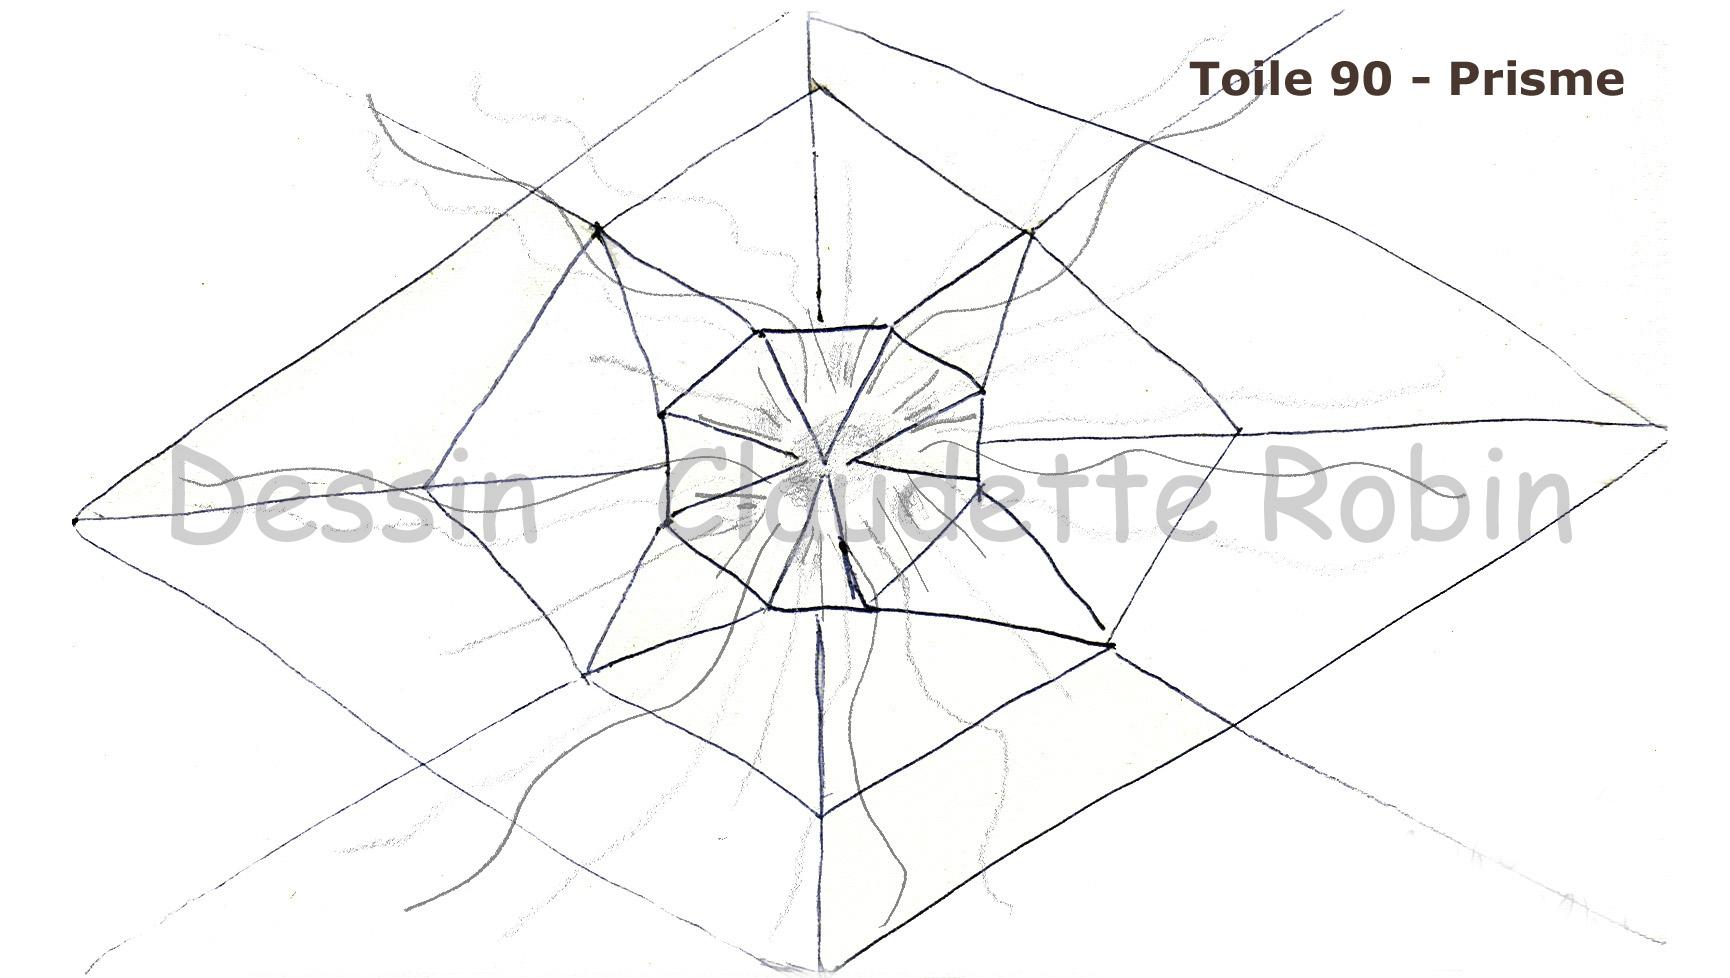 Toile90-Prisme-Projet-FusionAB_201212